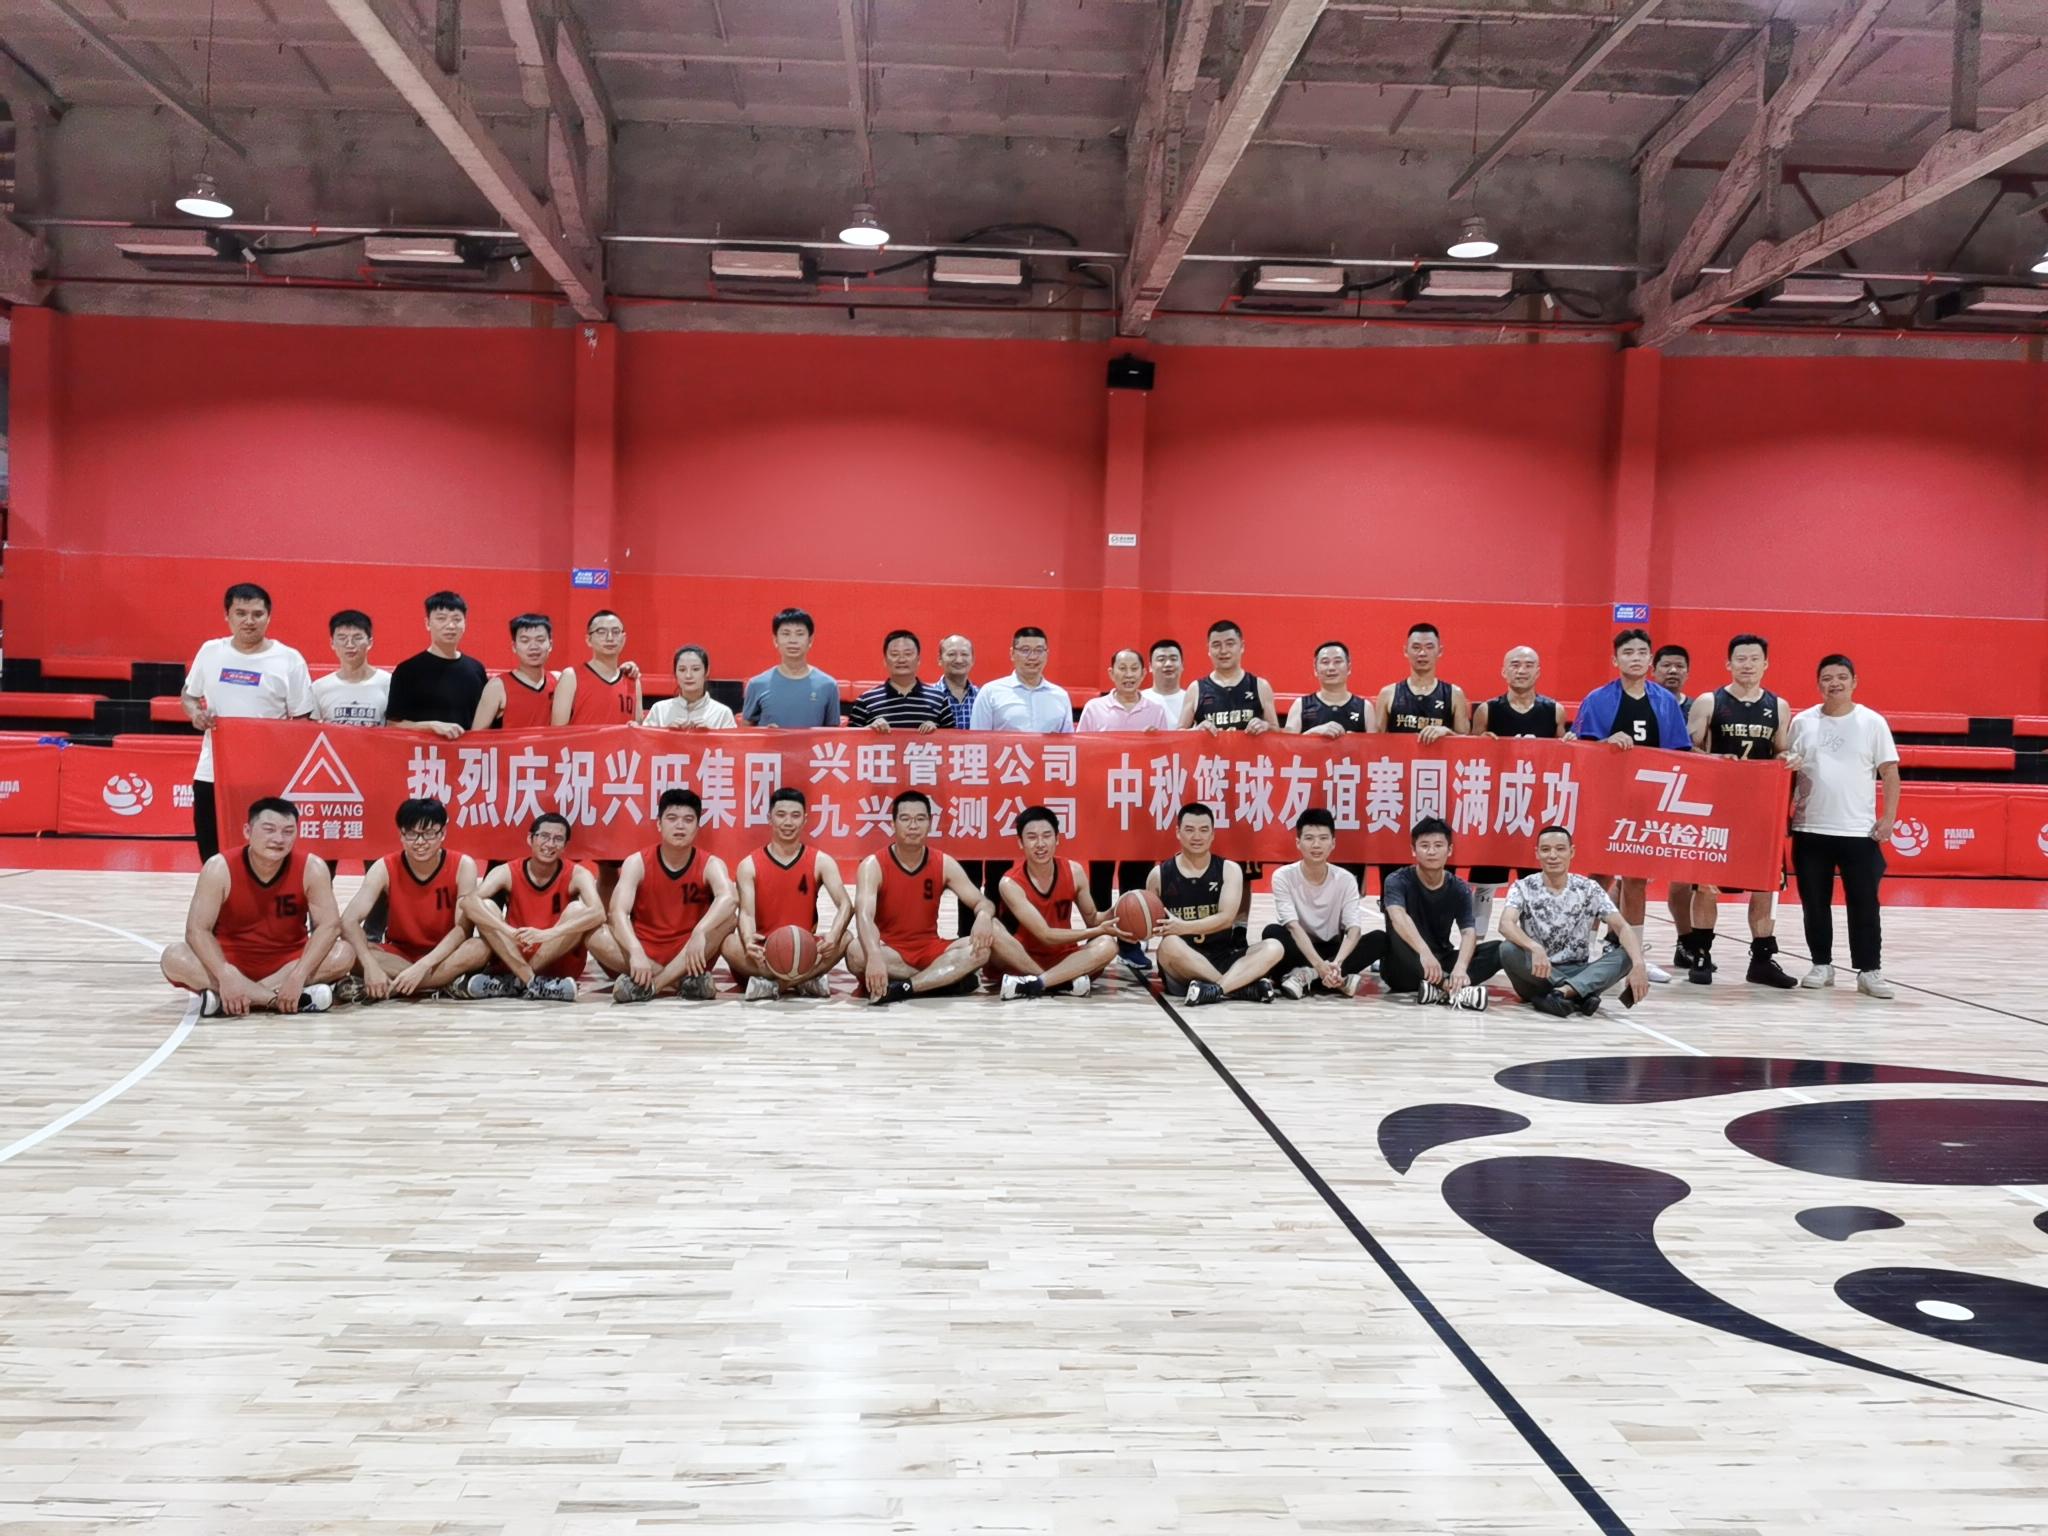 興旺管理vs九興檢測中秋籃球友誼賽取得圓滿成功